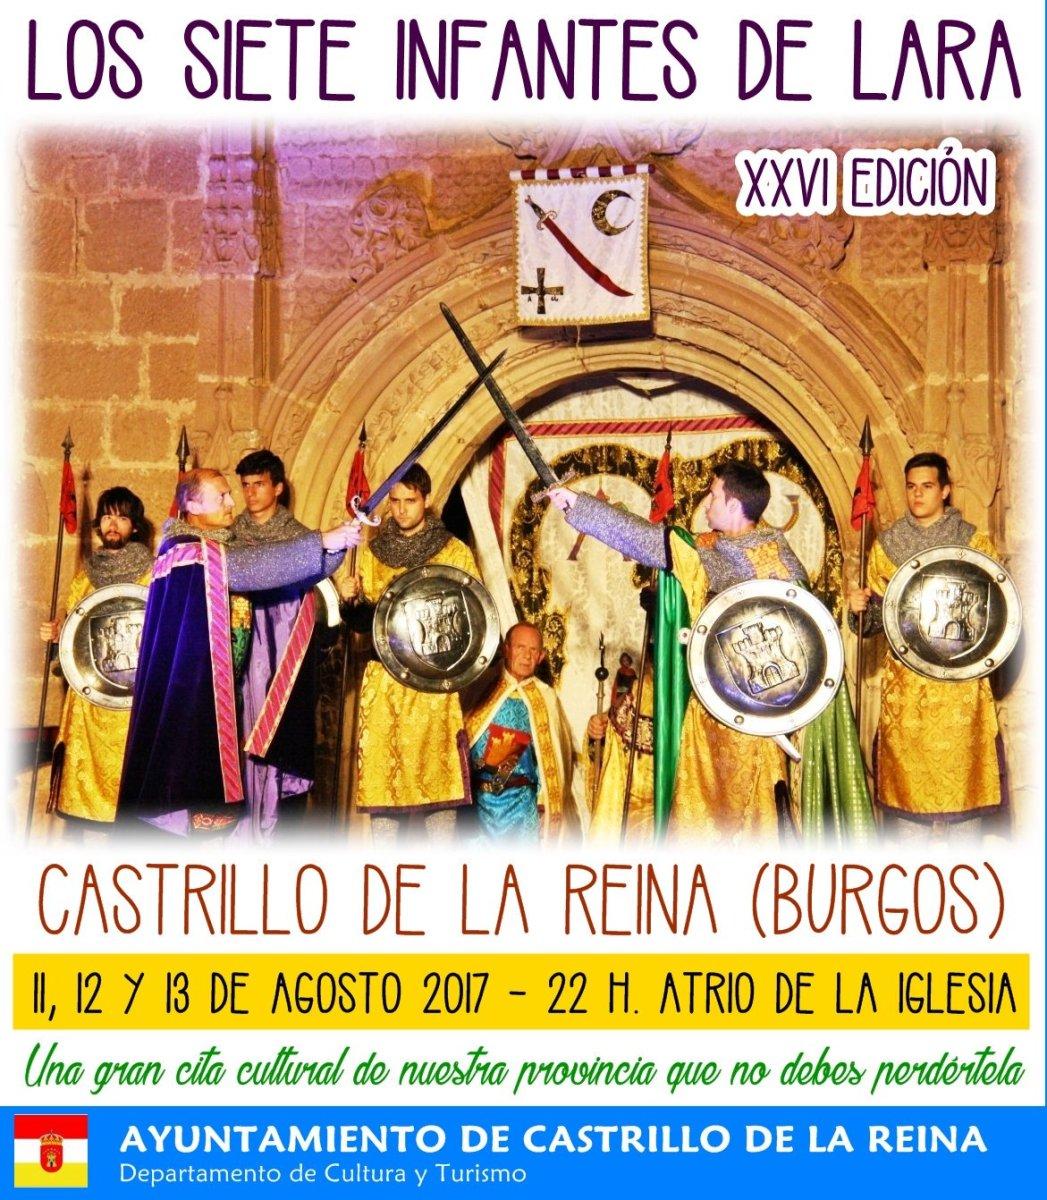 XXVI Representación de Los Siete Infantes de Lara en Castrillo de la Reina 2017